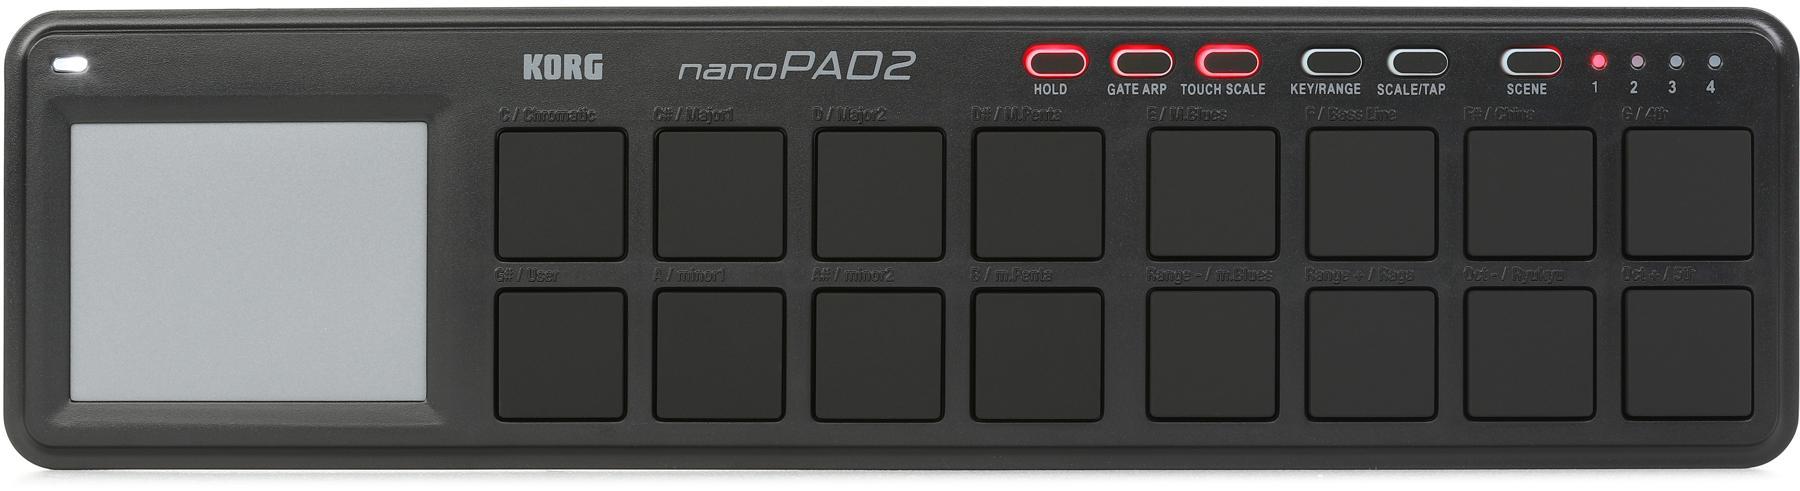 2. Korg nanoPAD2